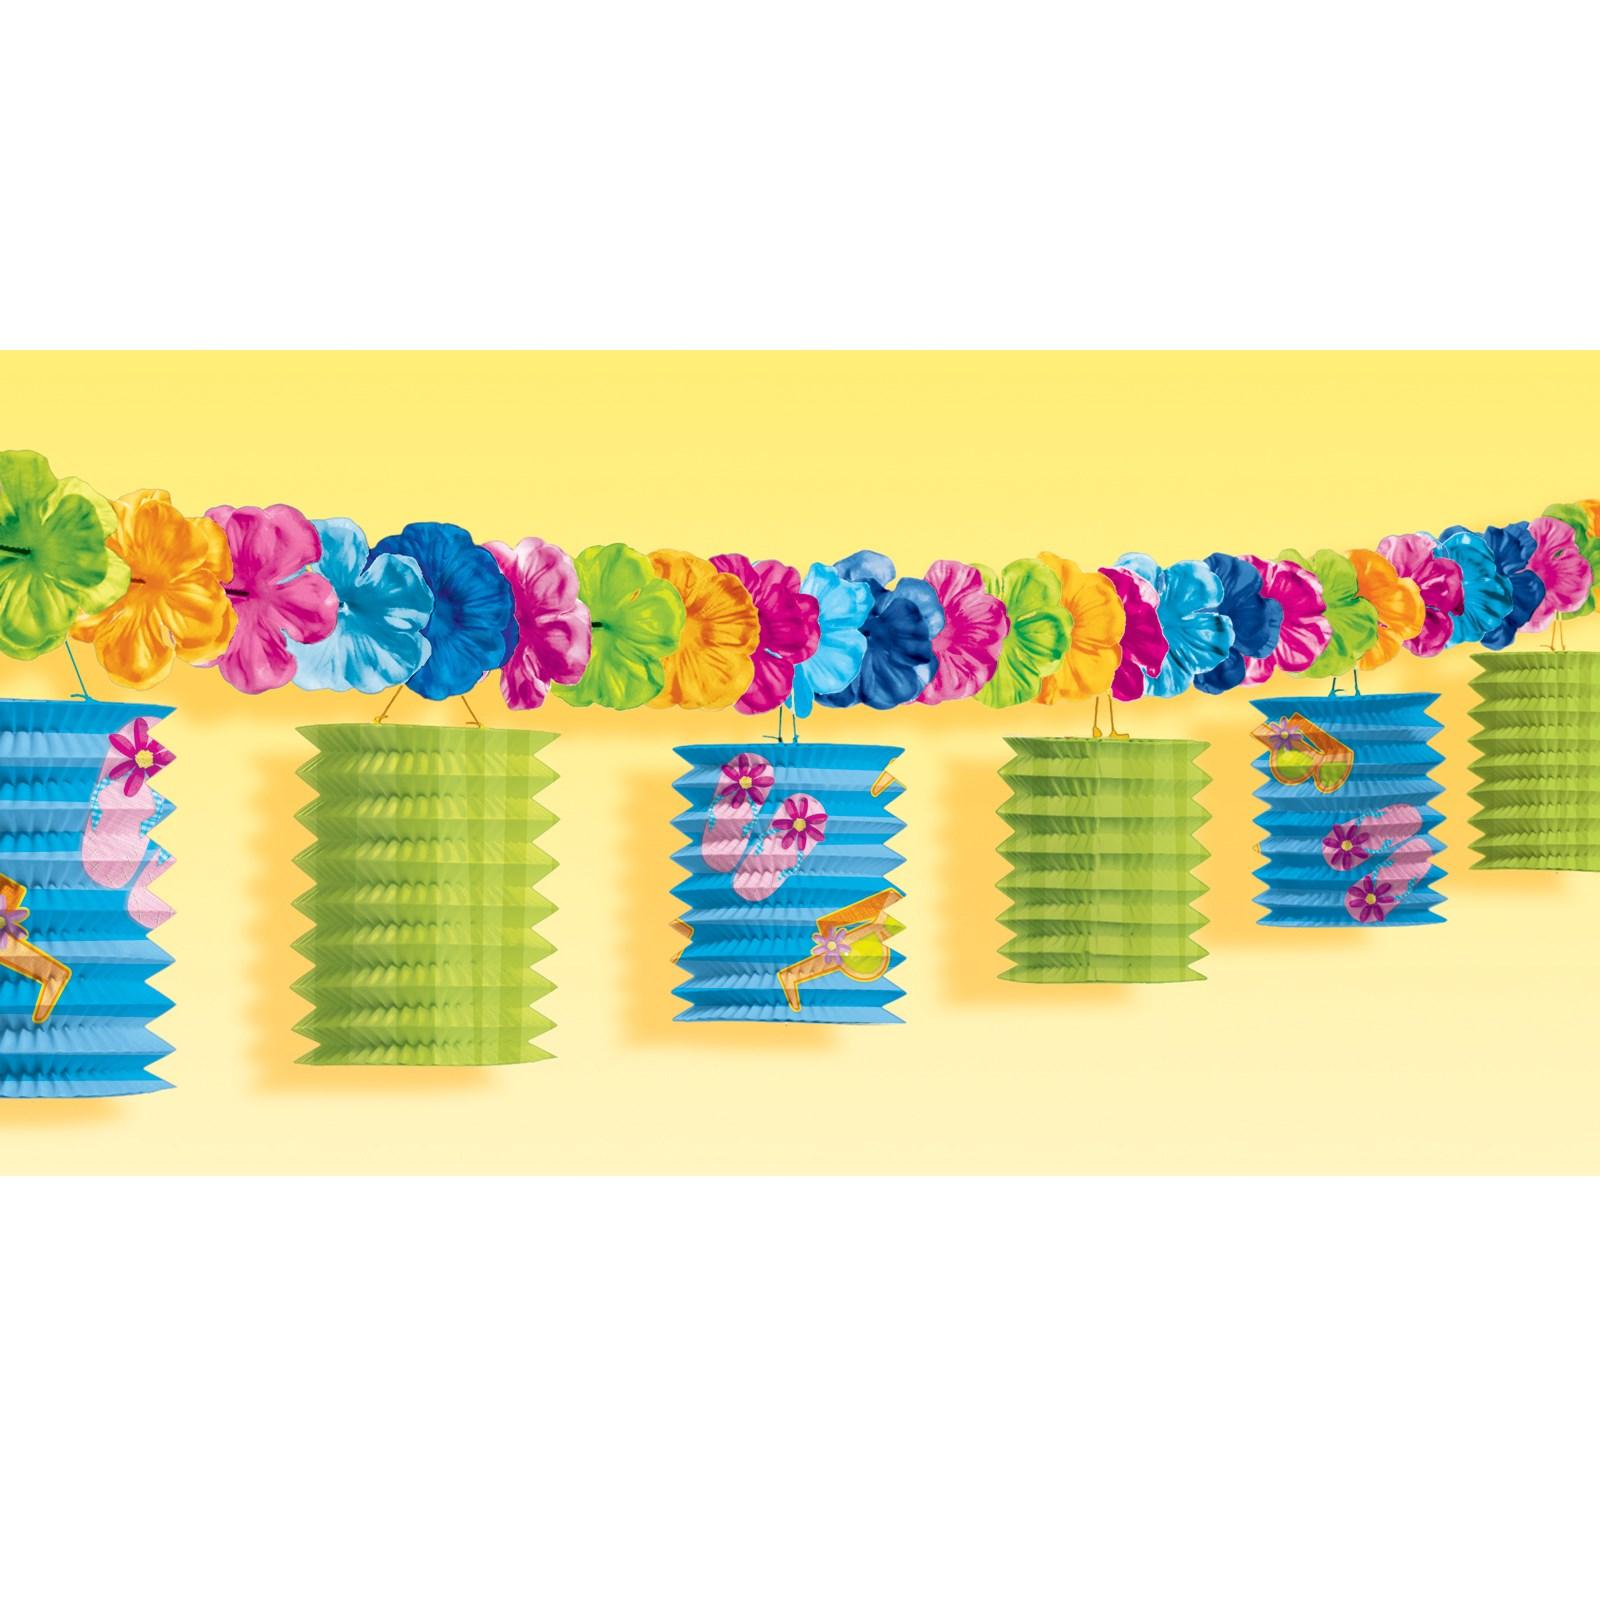 Image of 10' Paper Lantern Garland